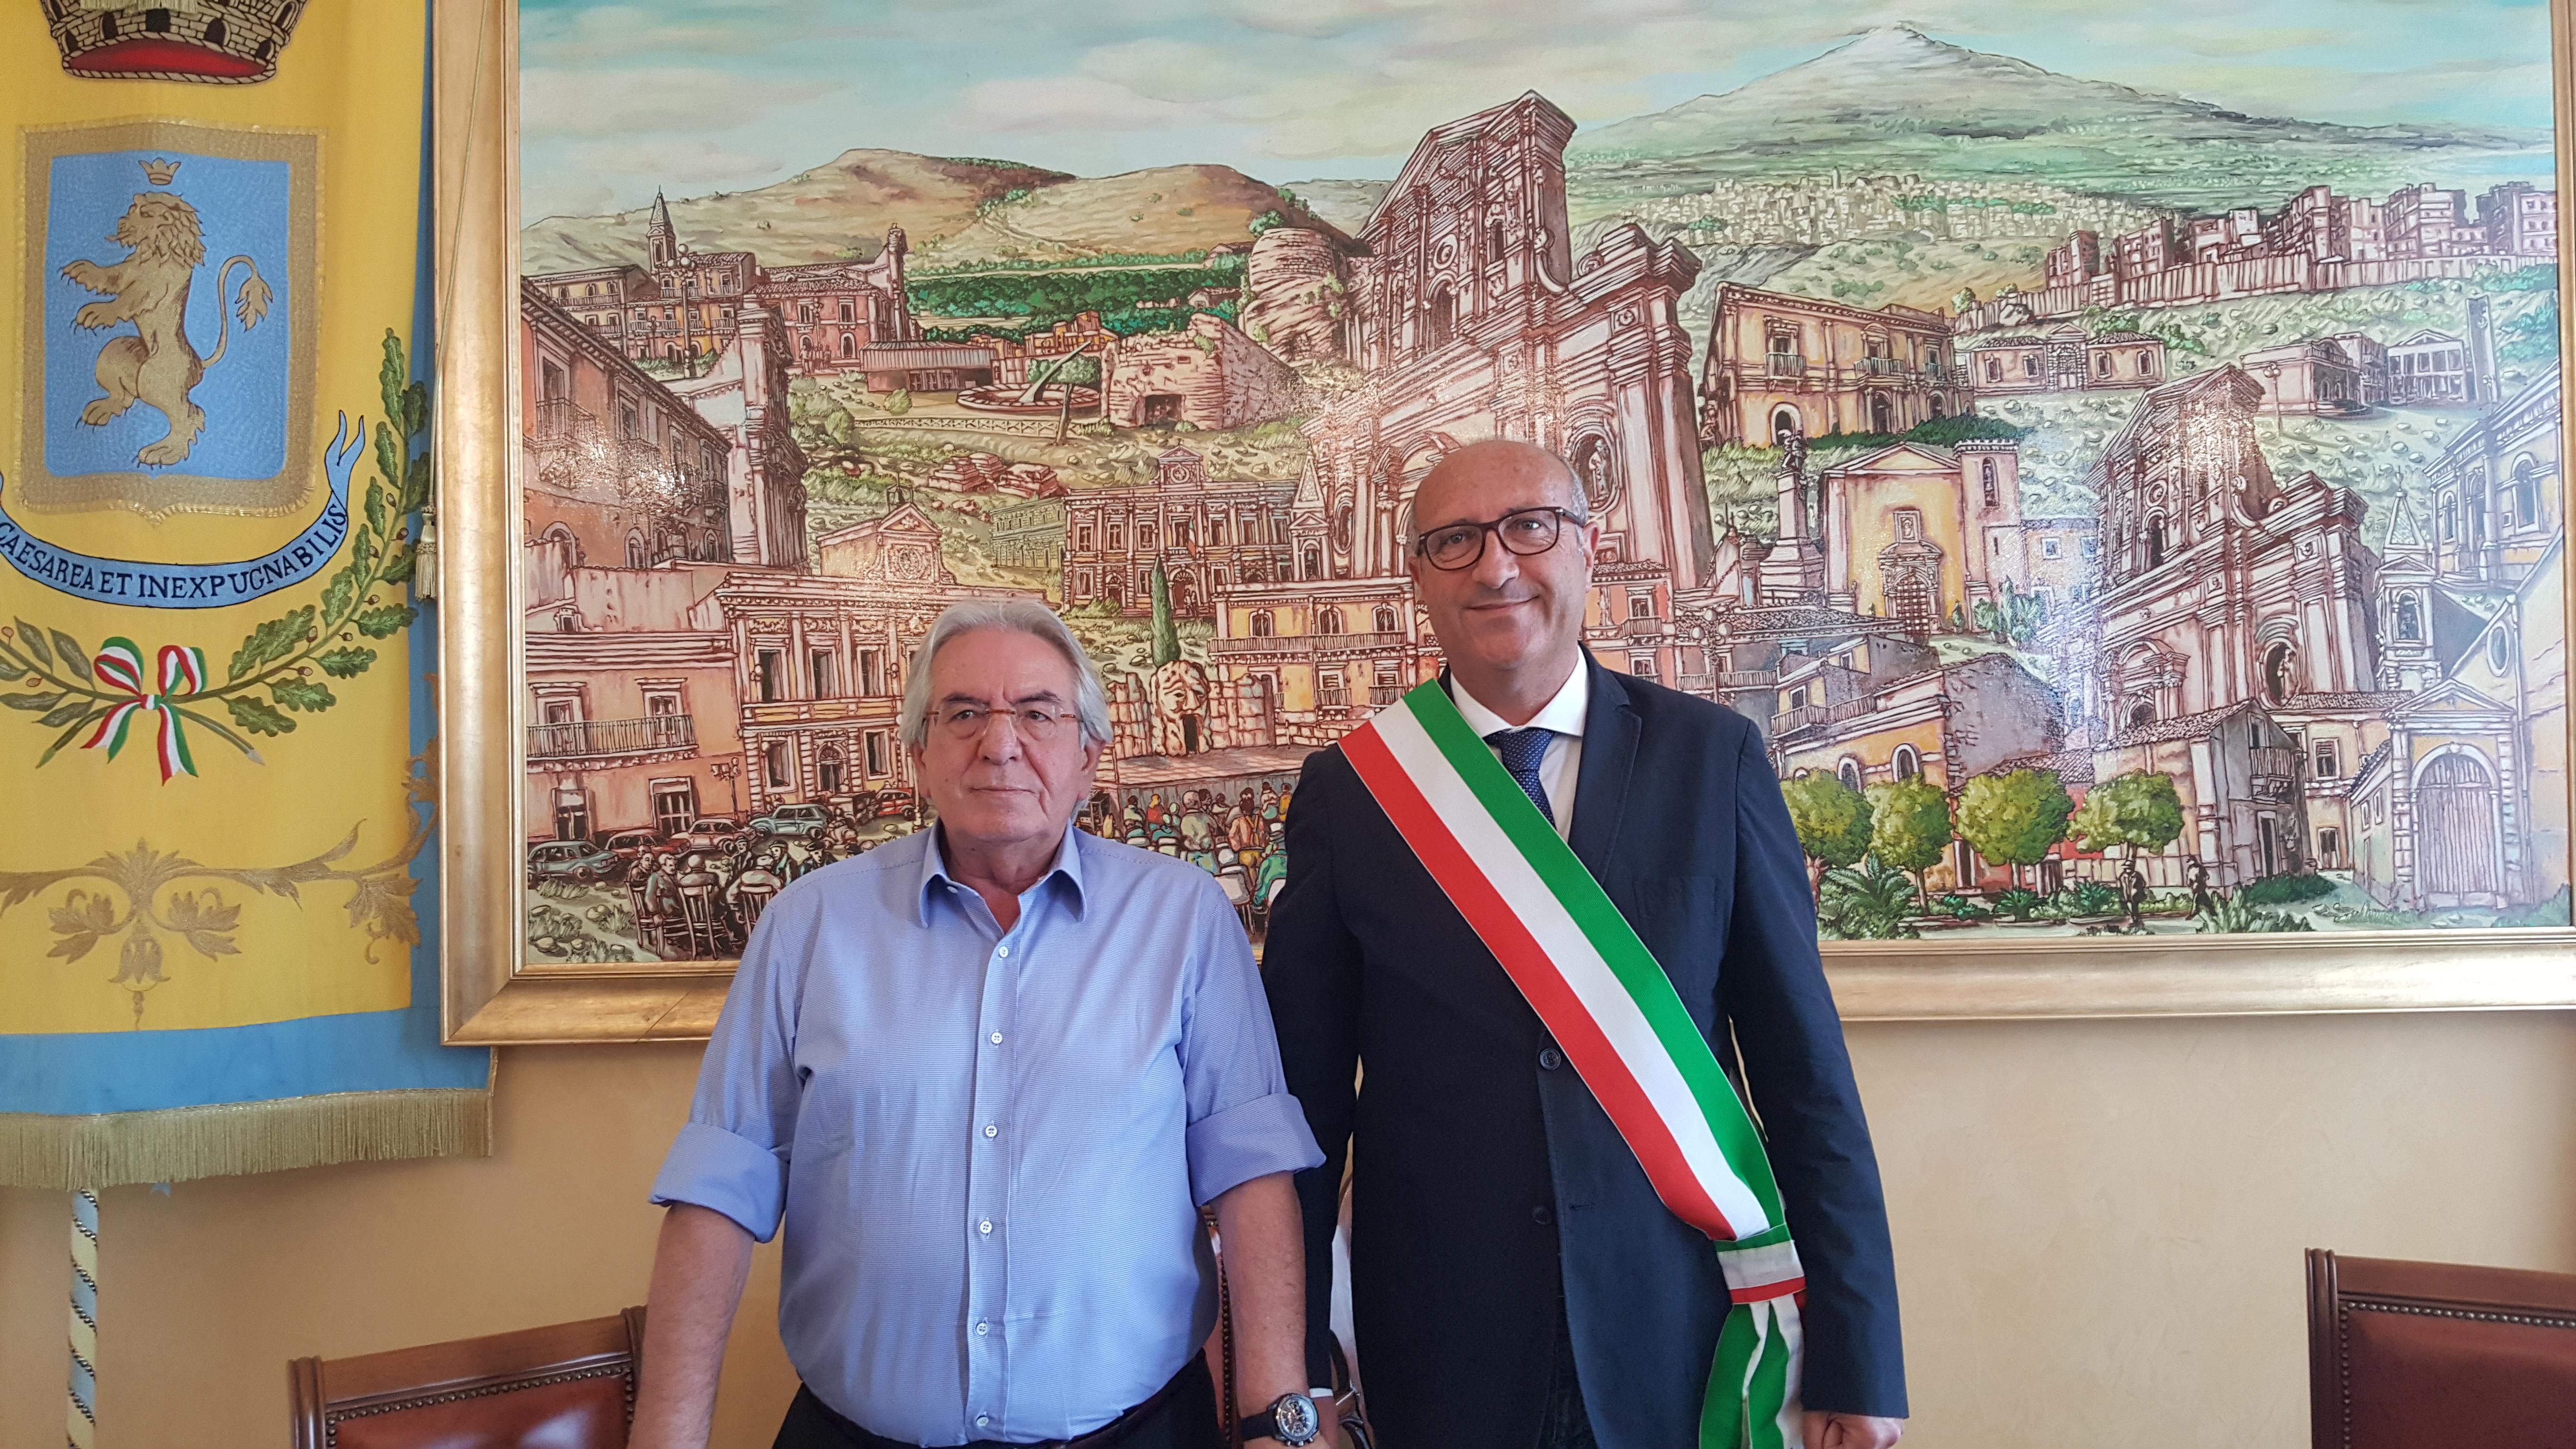 """Carlentini, si è inseditato il neo sindaco Giuseppe Stefio. cerimonia a Palazzo di città. """"Ricevo il testimone da un grande sindaco""""."""